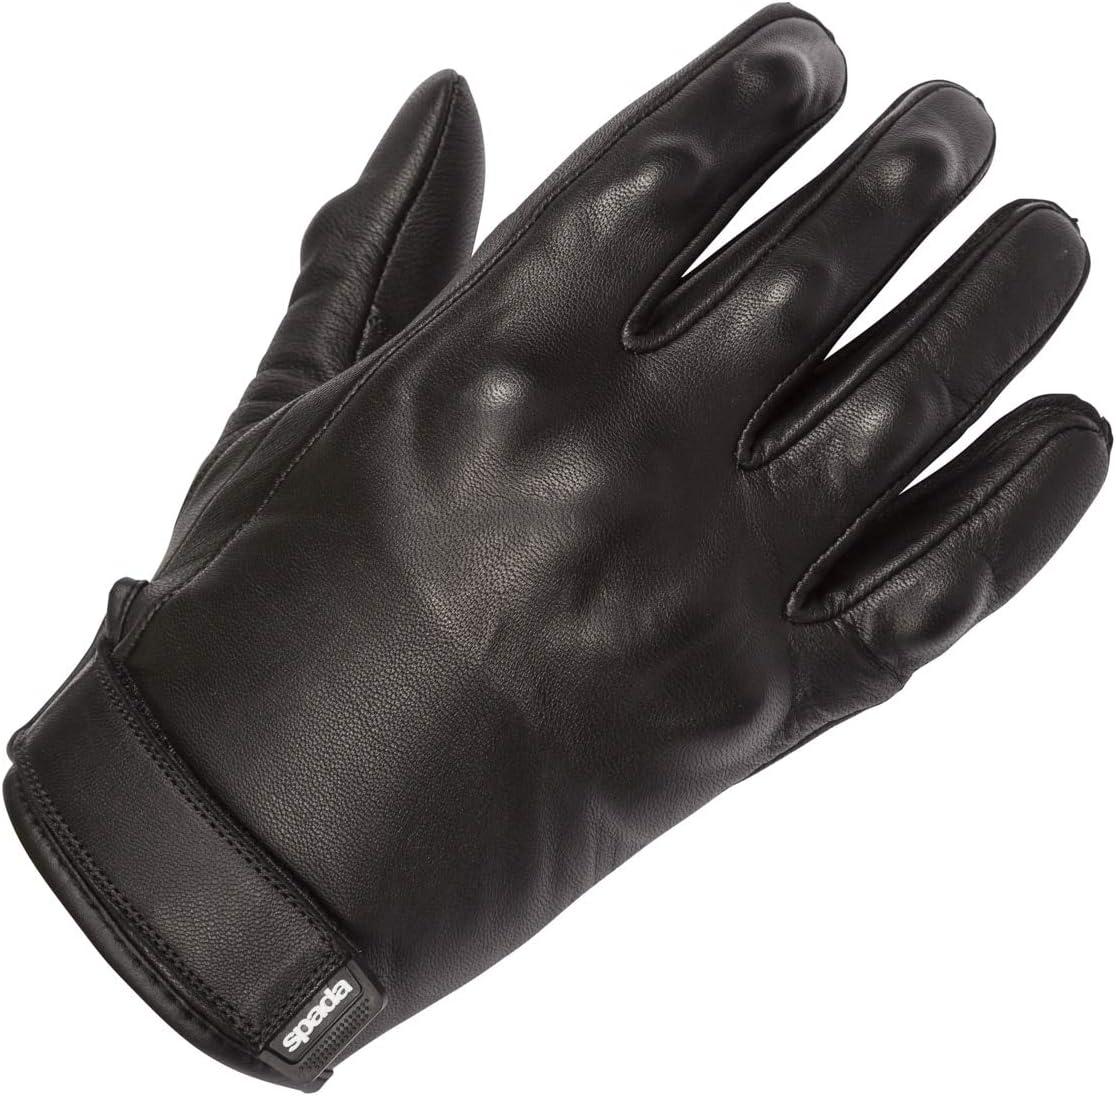 Spada Wyatt Ladies Leather Motorcycle Gloves